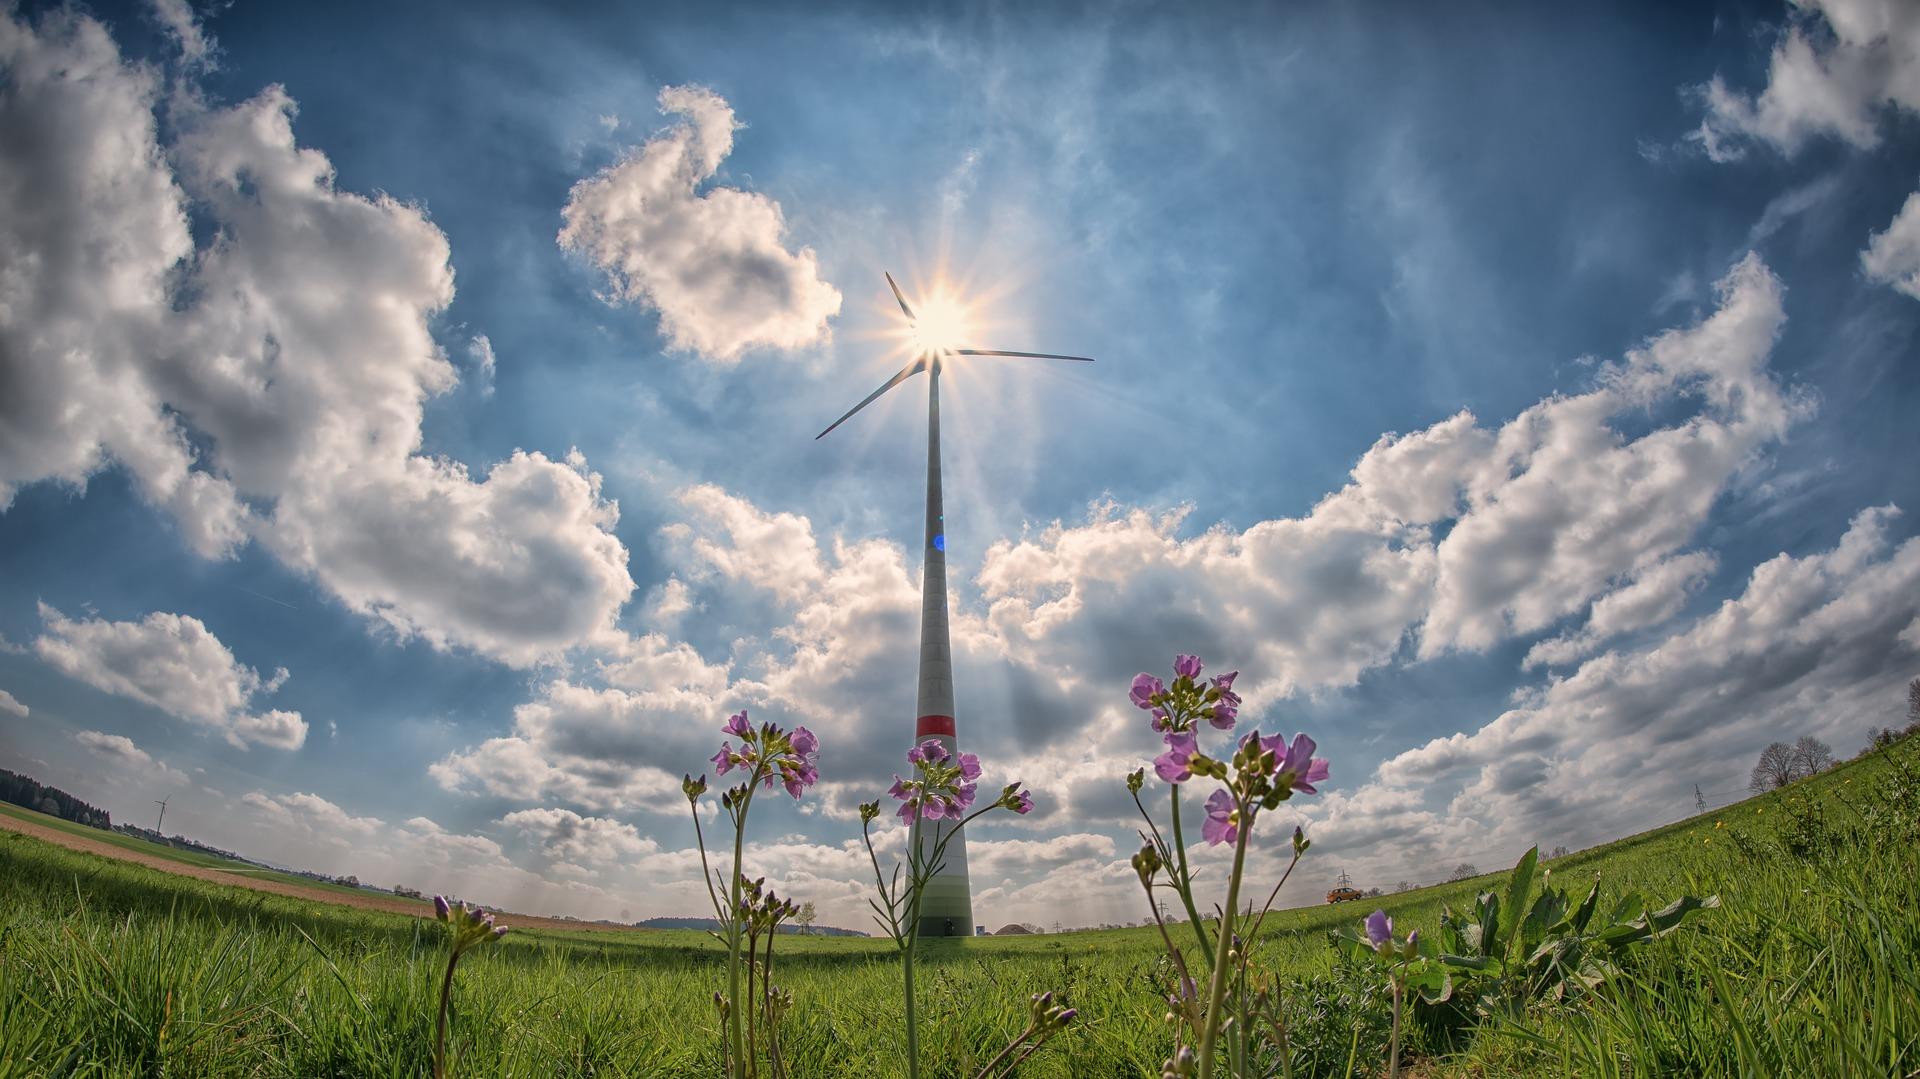 Оприлюдено розмір інвестицій у світову «зелену енергетику» за минулі 5 років